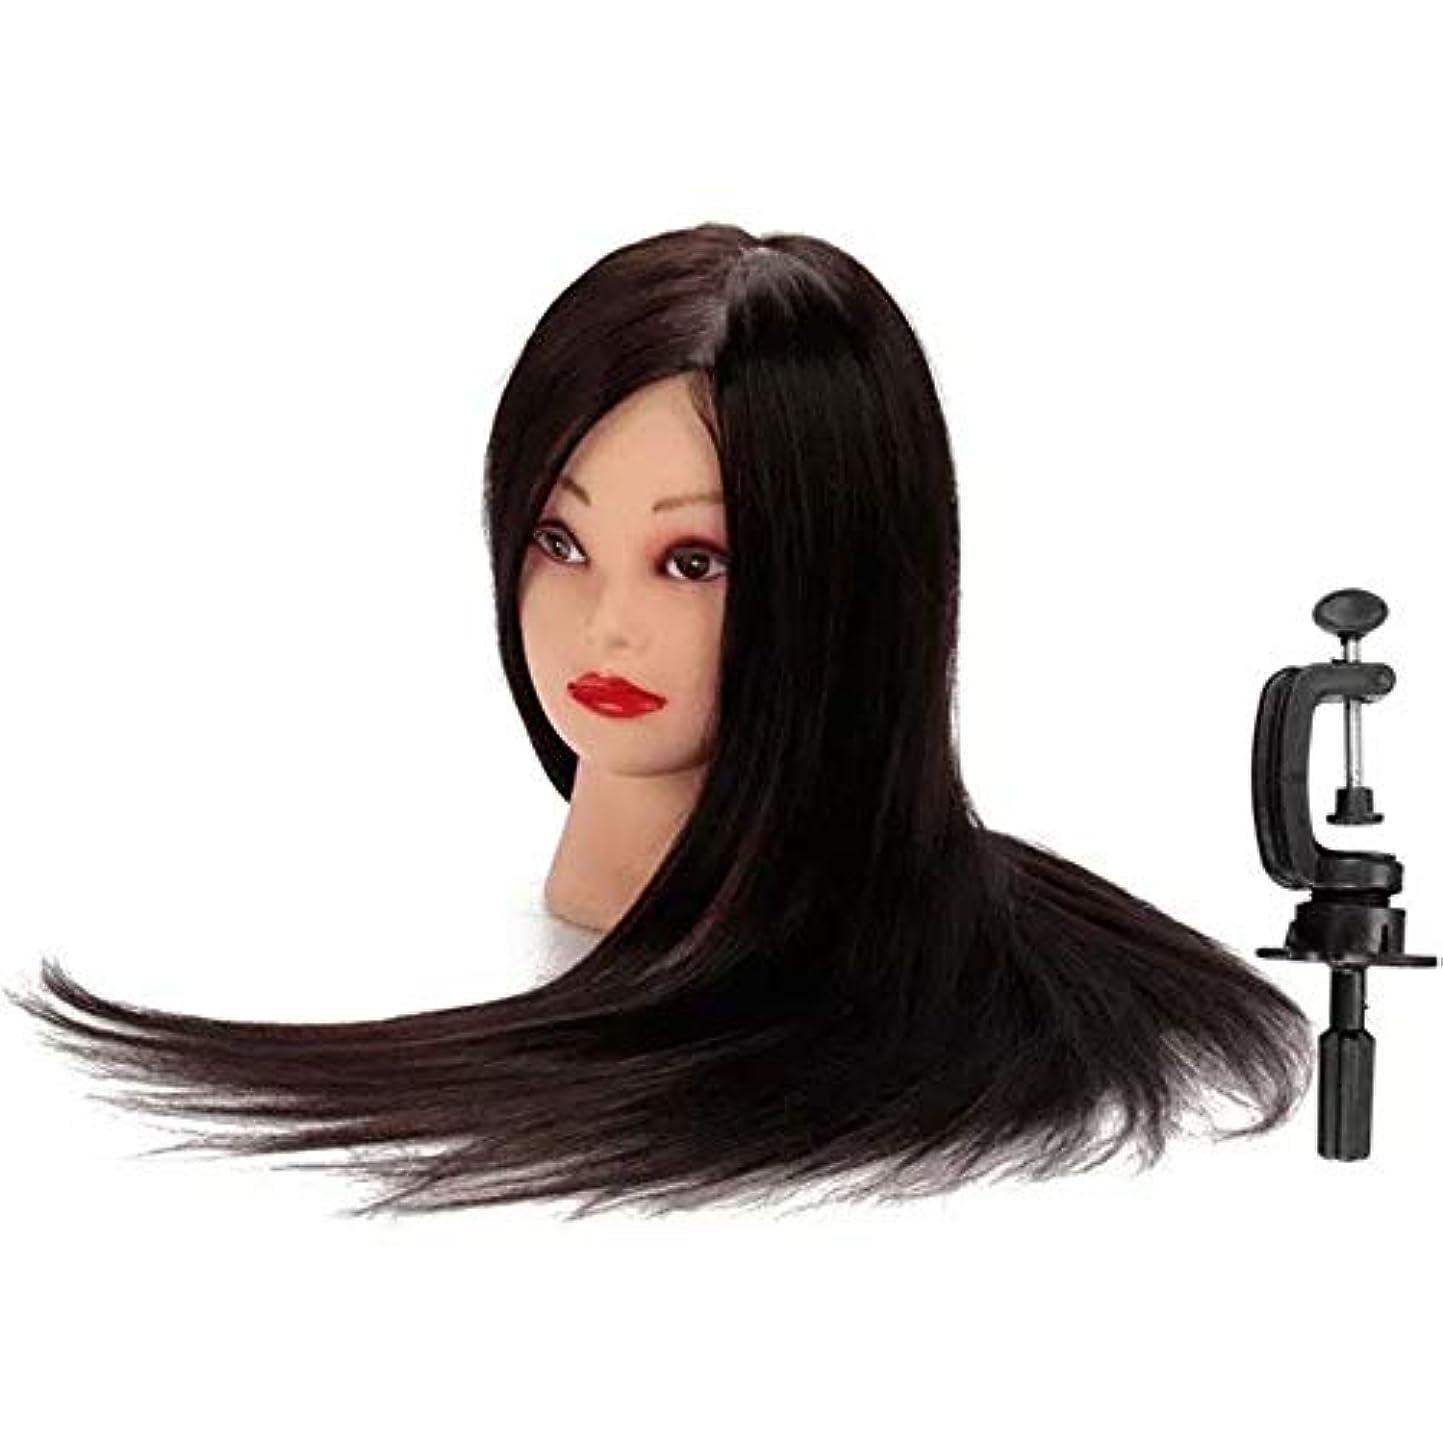 スキャンダラスフランクワースリー節約ウイッグ マネキンヘッド 50%のブラック本物の人間の髪の毛のトレーニング頭部理髪カッティング練習マネキンモデルクランプホルダ 練習用 (色 : ブラック, サイズ : 25*15*11cm)